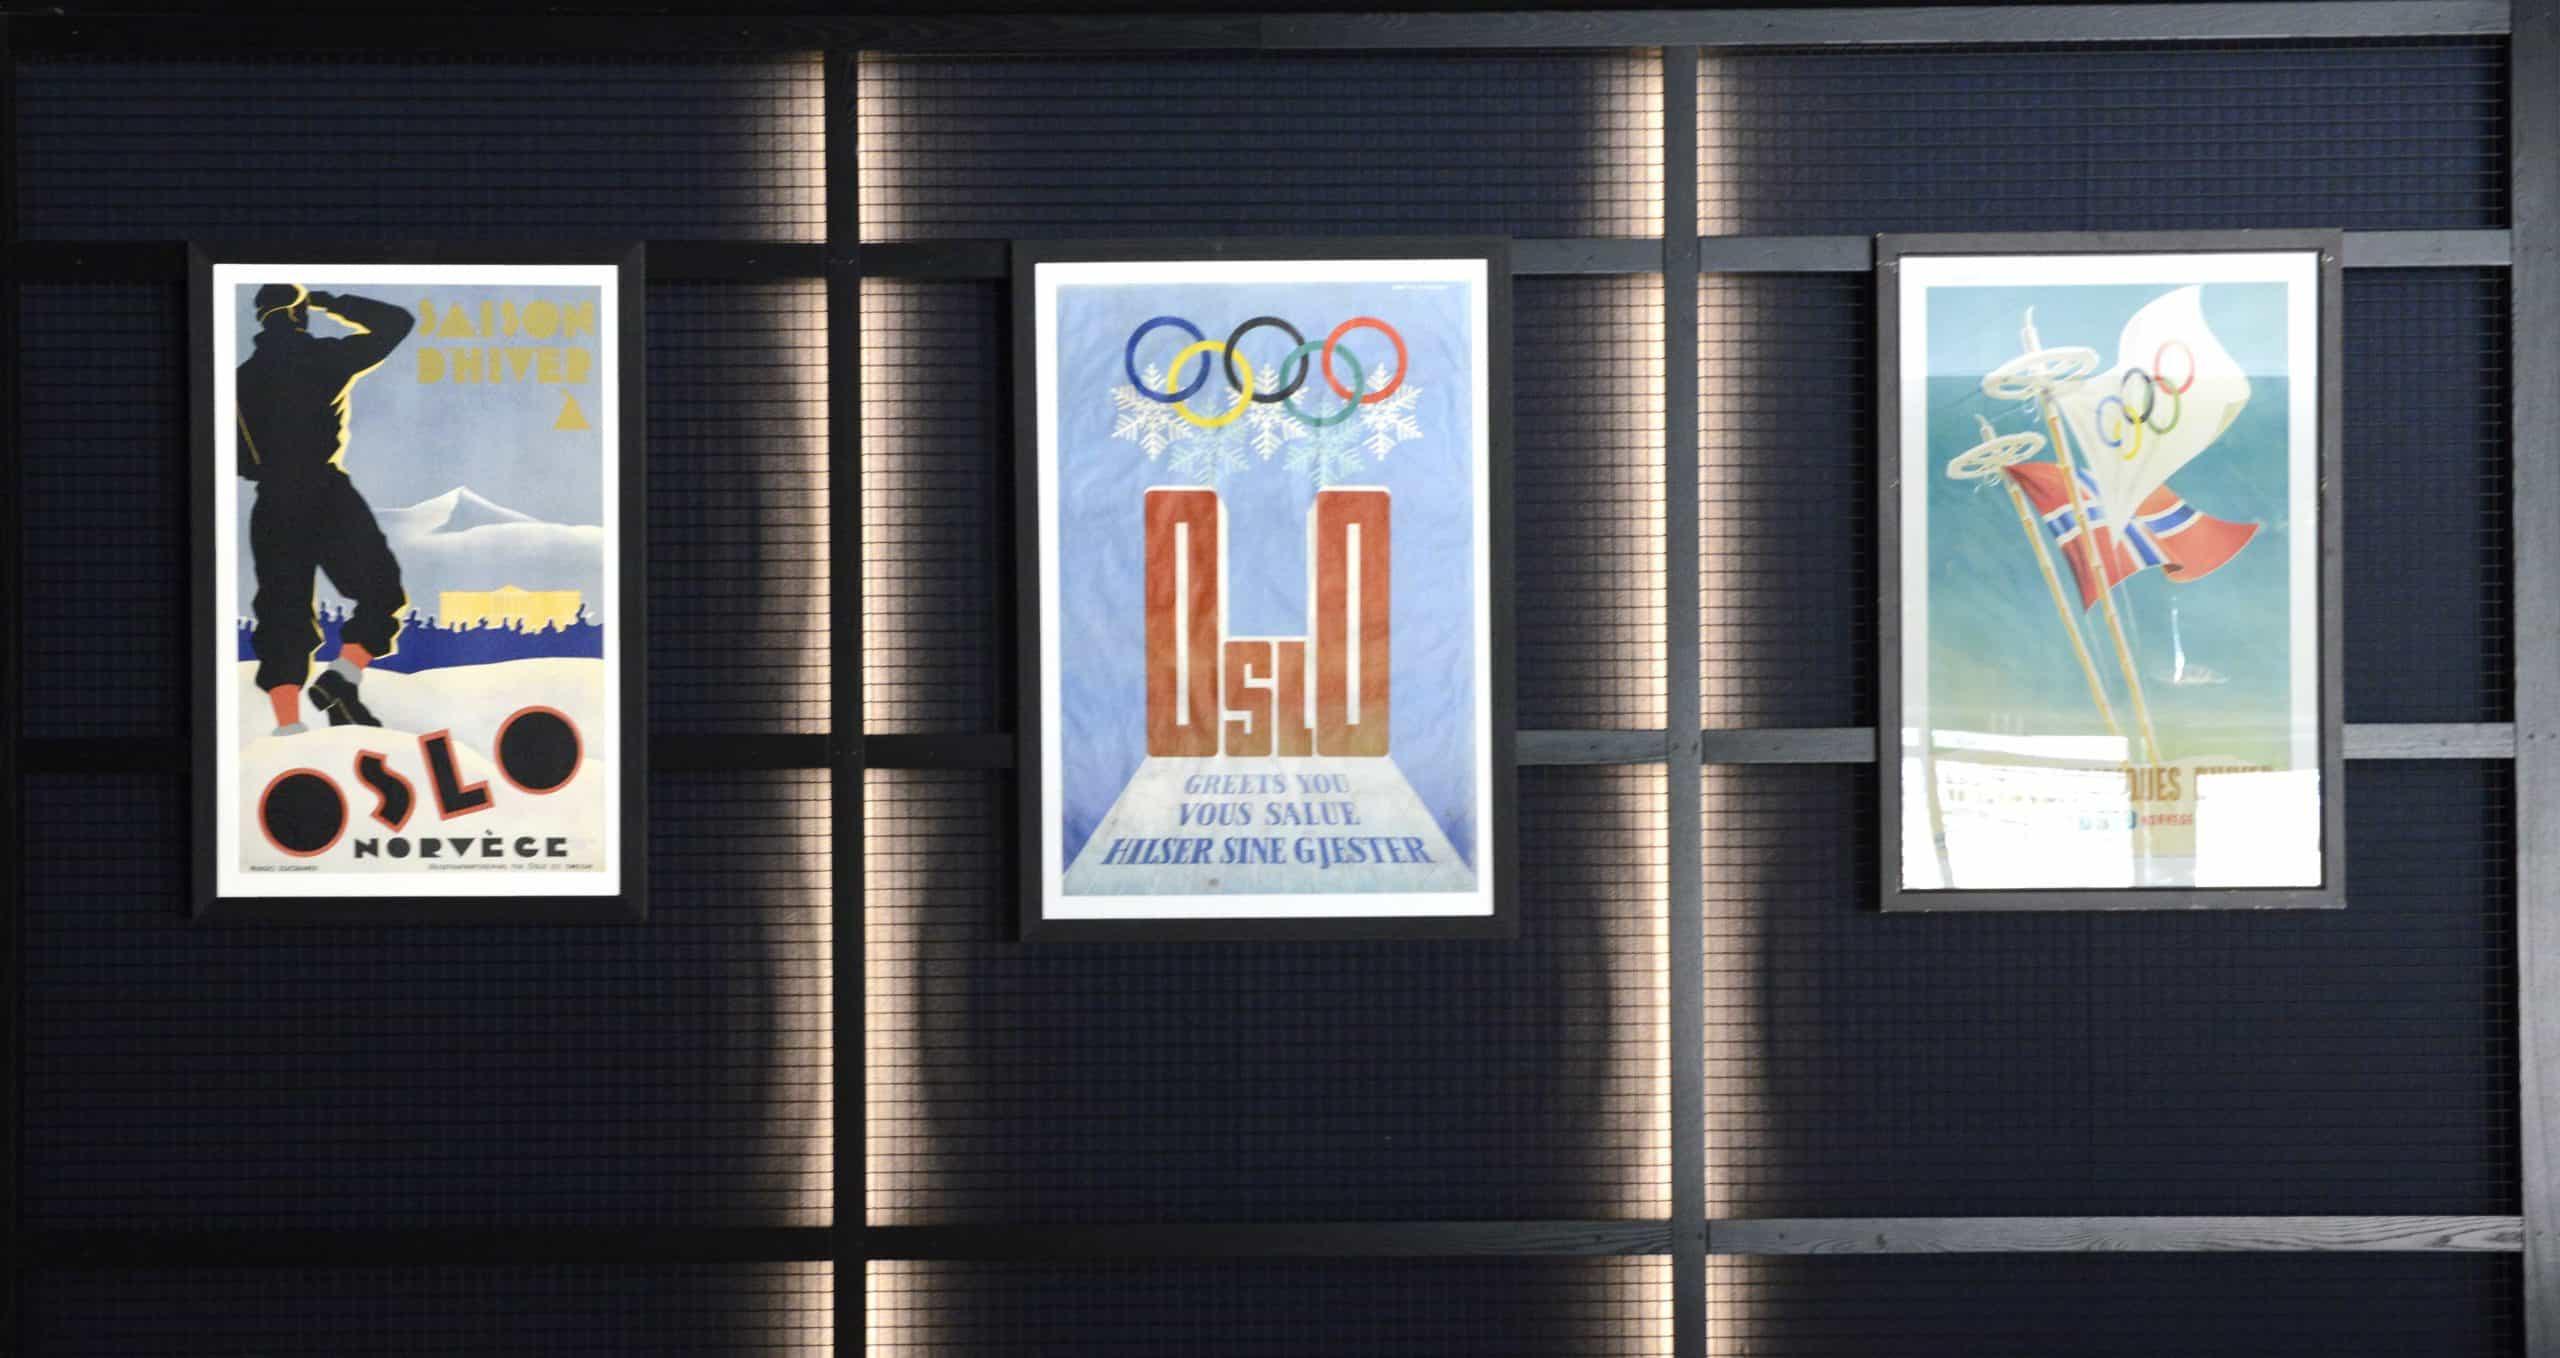 Fra venstre ser vi plakaten som Bert Huszár (1878–1935) vant konkurransen til Oslo kommune i 1935. Trykket av Emil Moestue A/S, Oslo. I midten ser vi OL-plakaten fra 1952. Kunstneren Helge Kittelsen (1910-1996) designet en av tre plakater for vinterlekene. Trykket av Pedersen Lito Til høyre Knut Yran (1920-1998) sin plakat for Vinter-OL,Oslo 1952, ment for det franske markedet. Utgitt av Olympiakommiteen, SAS og NSB. Den er trykket av Pedersens Lito. Yran var 1950-årenes store norske reklametegner.